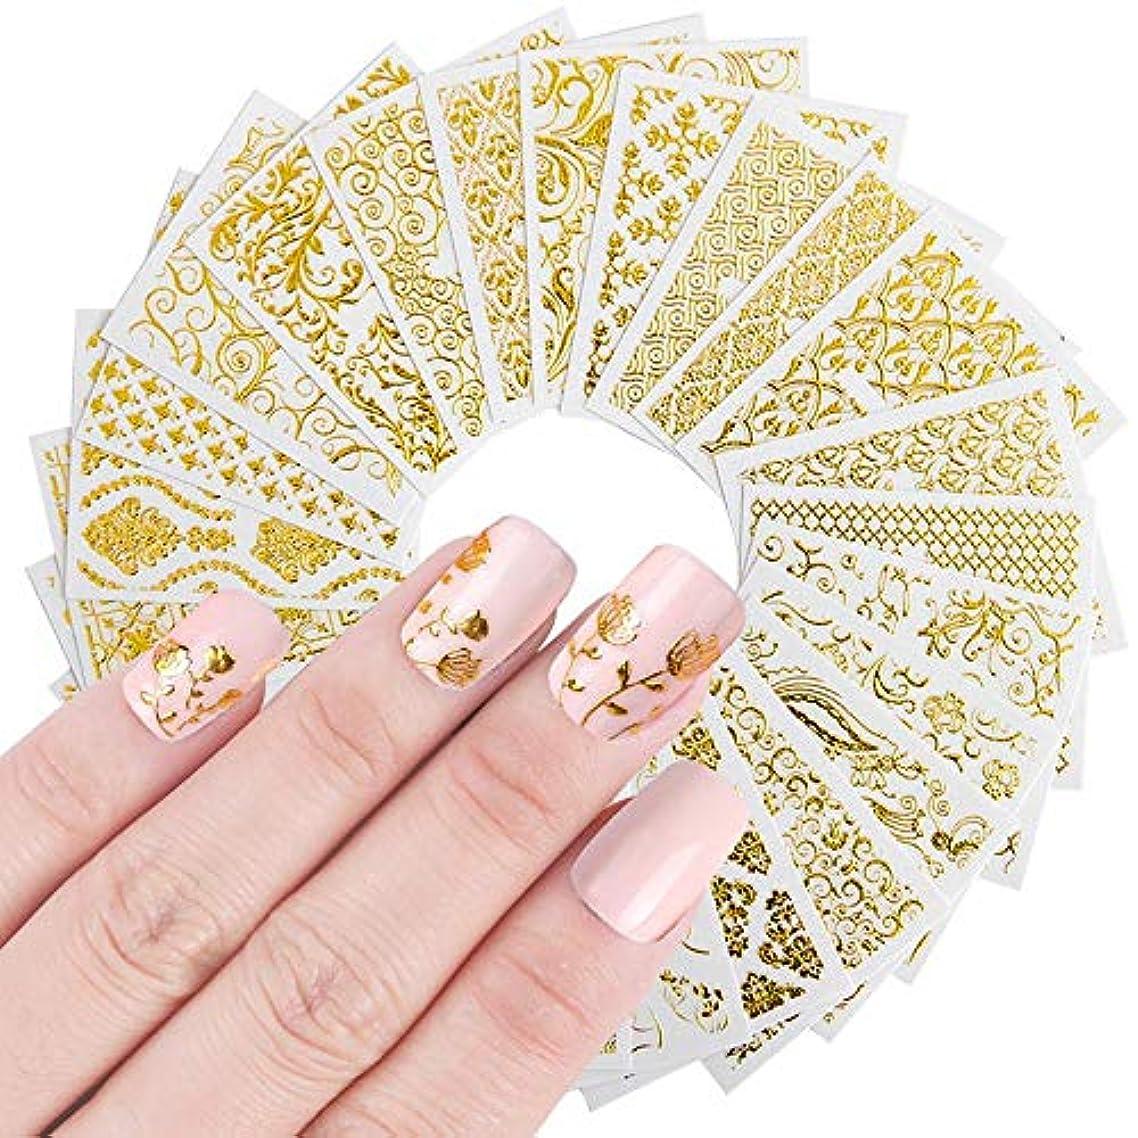 非常に実り多いコンセンサスKingsie ネイルシール 20枚セット ゴールド 貼るだけでいい 3D 金色 ネイルステッカー マニキュア ネイルアート デコレーション レジン